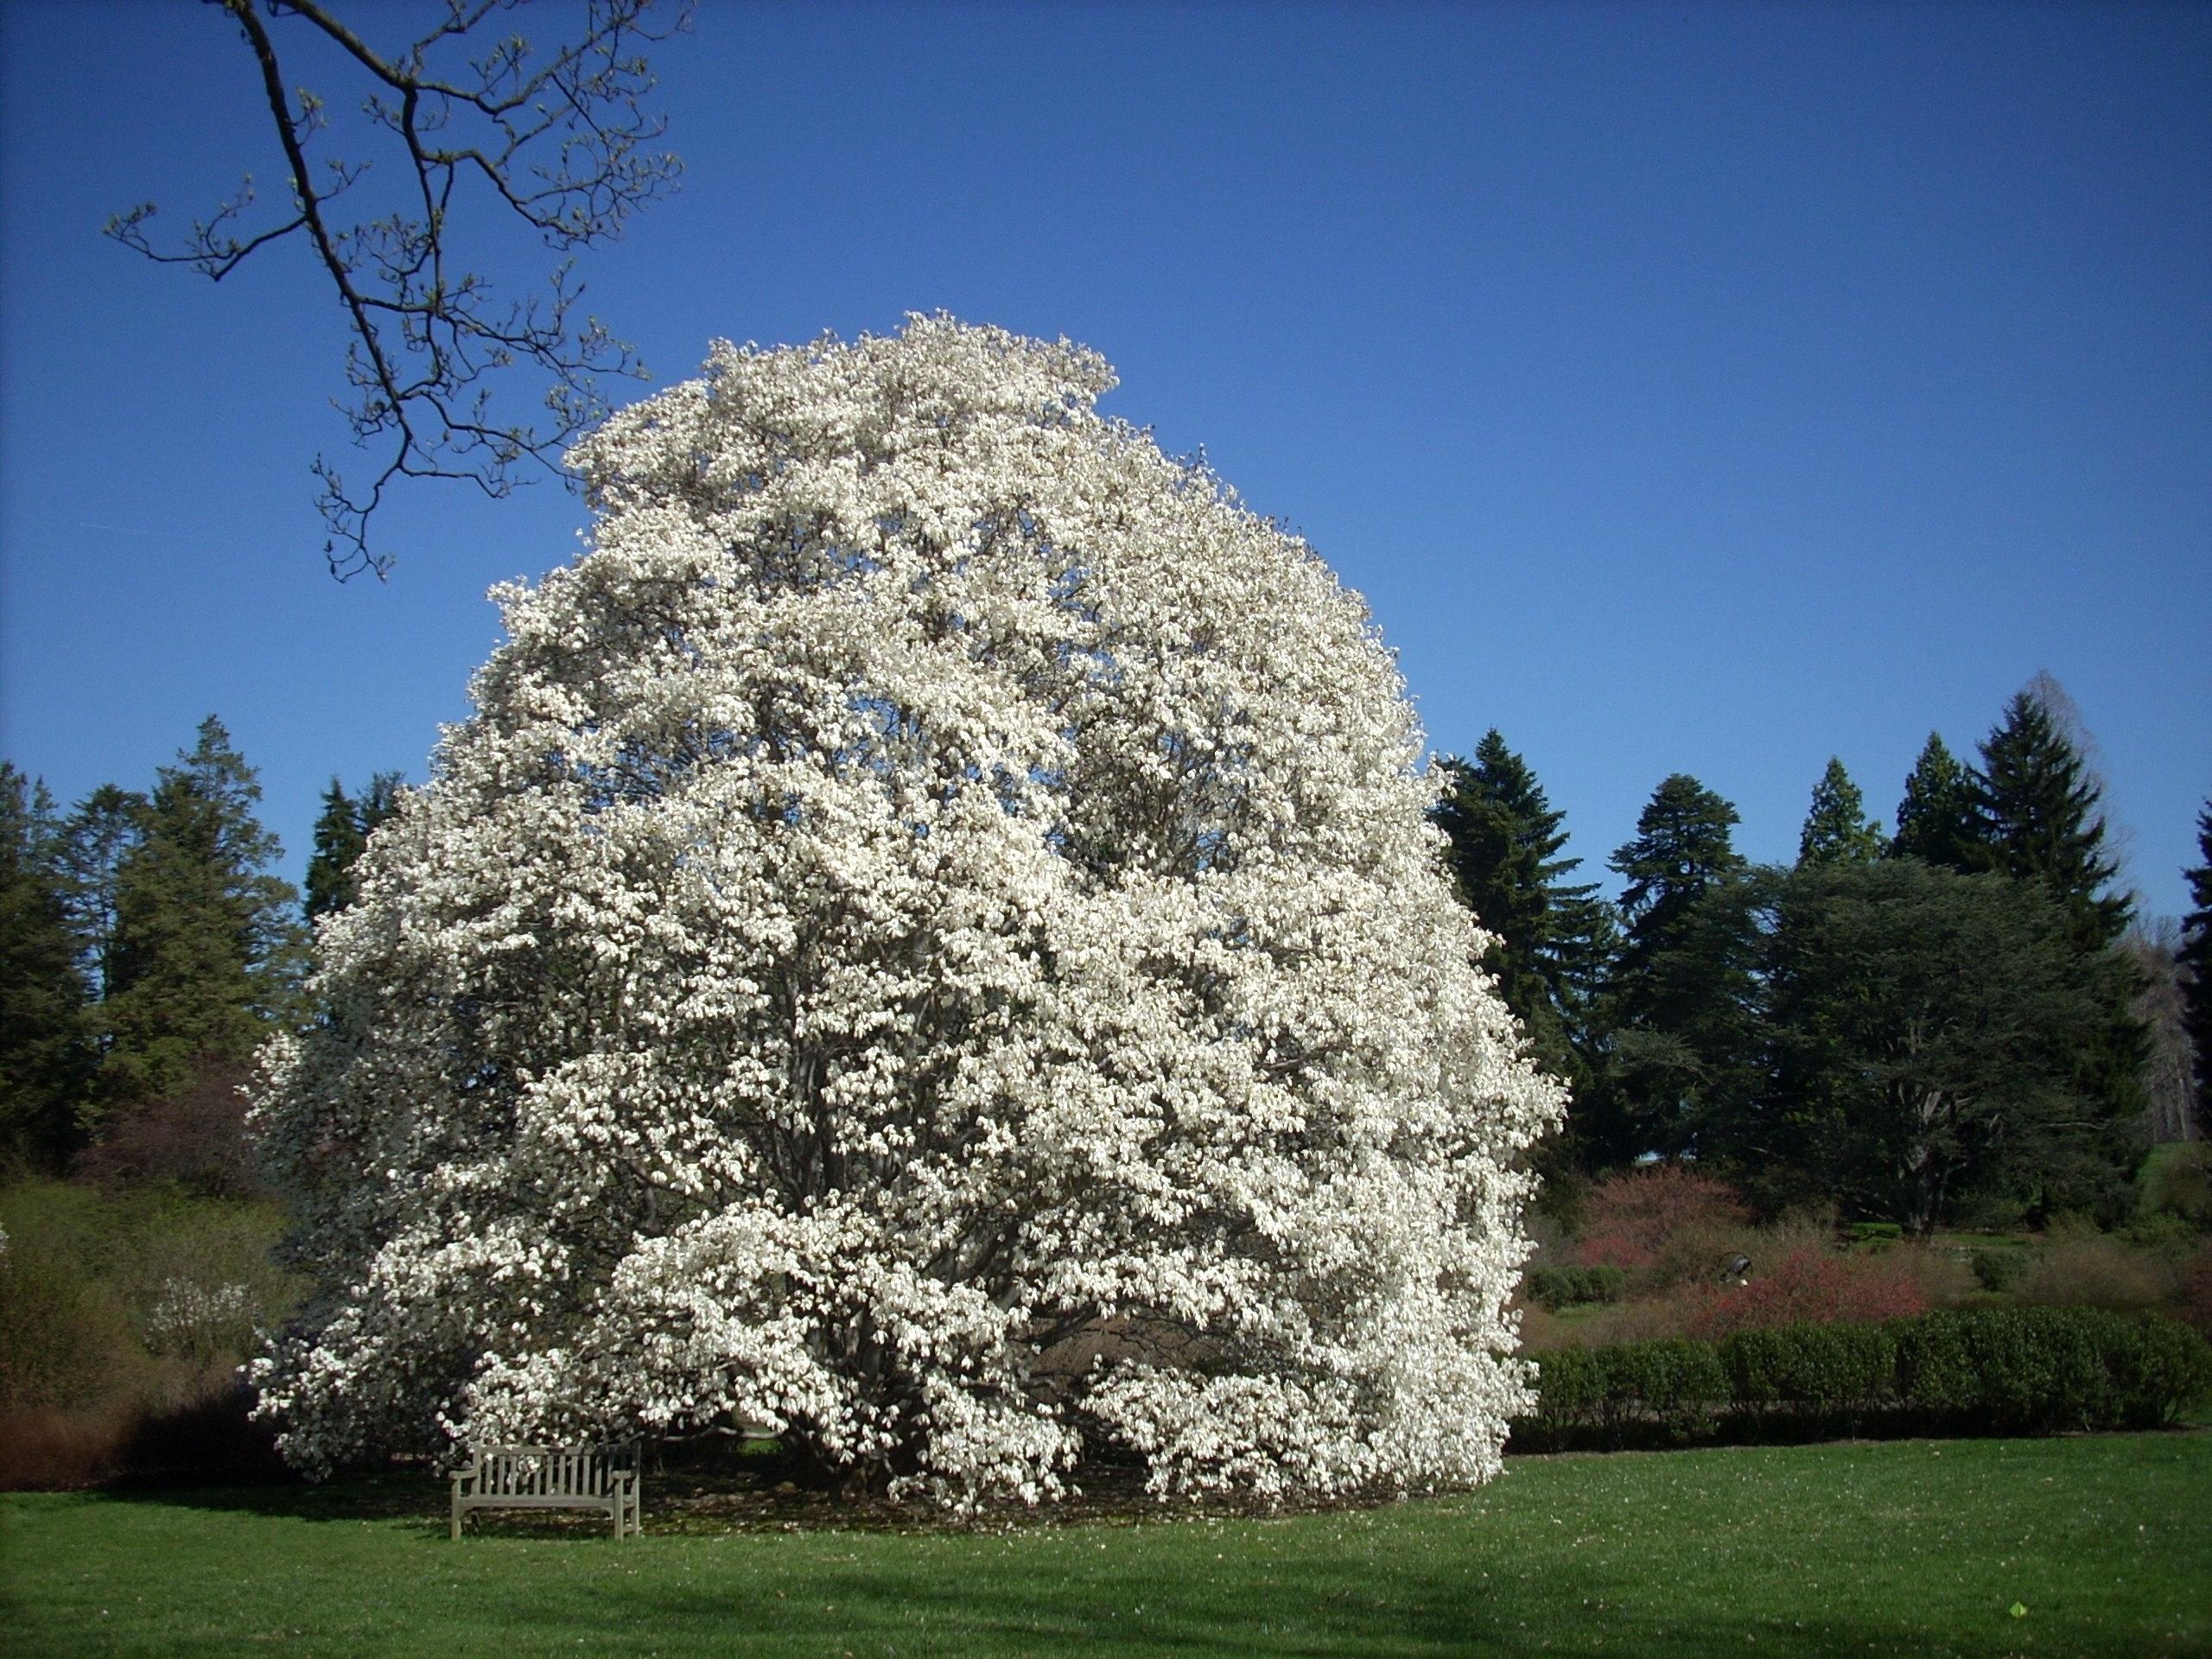 Albero Con Fiori Bianchi magnolia - magnolia grandiflora - alberi - caratteristiche